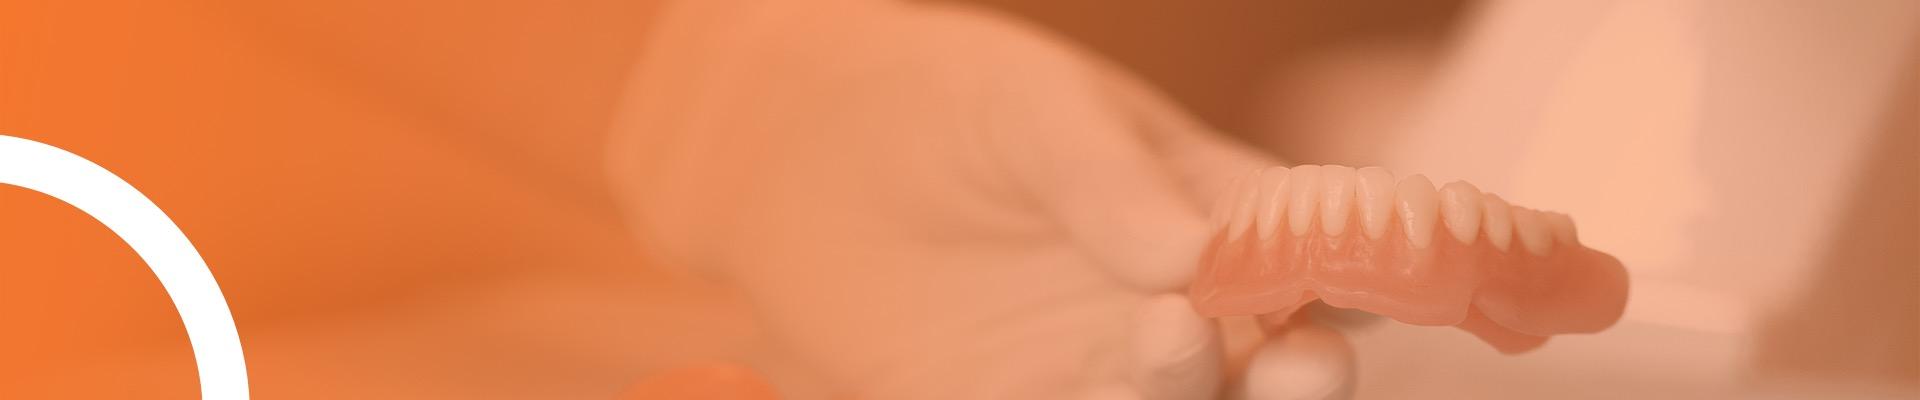 Zahnärztin hält Prothese in der Hand